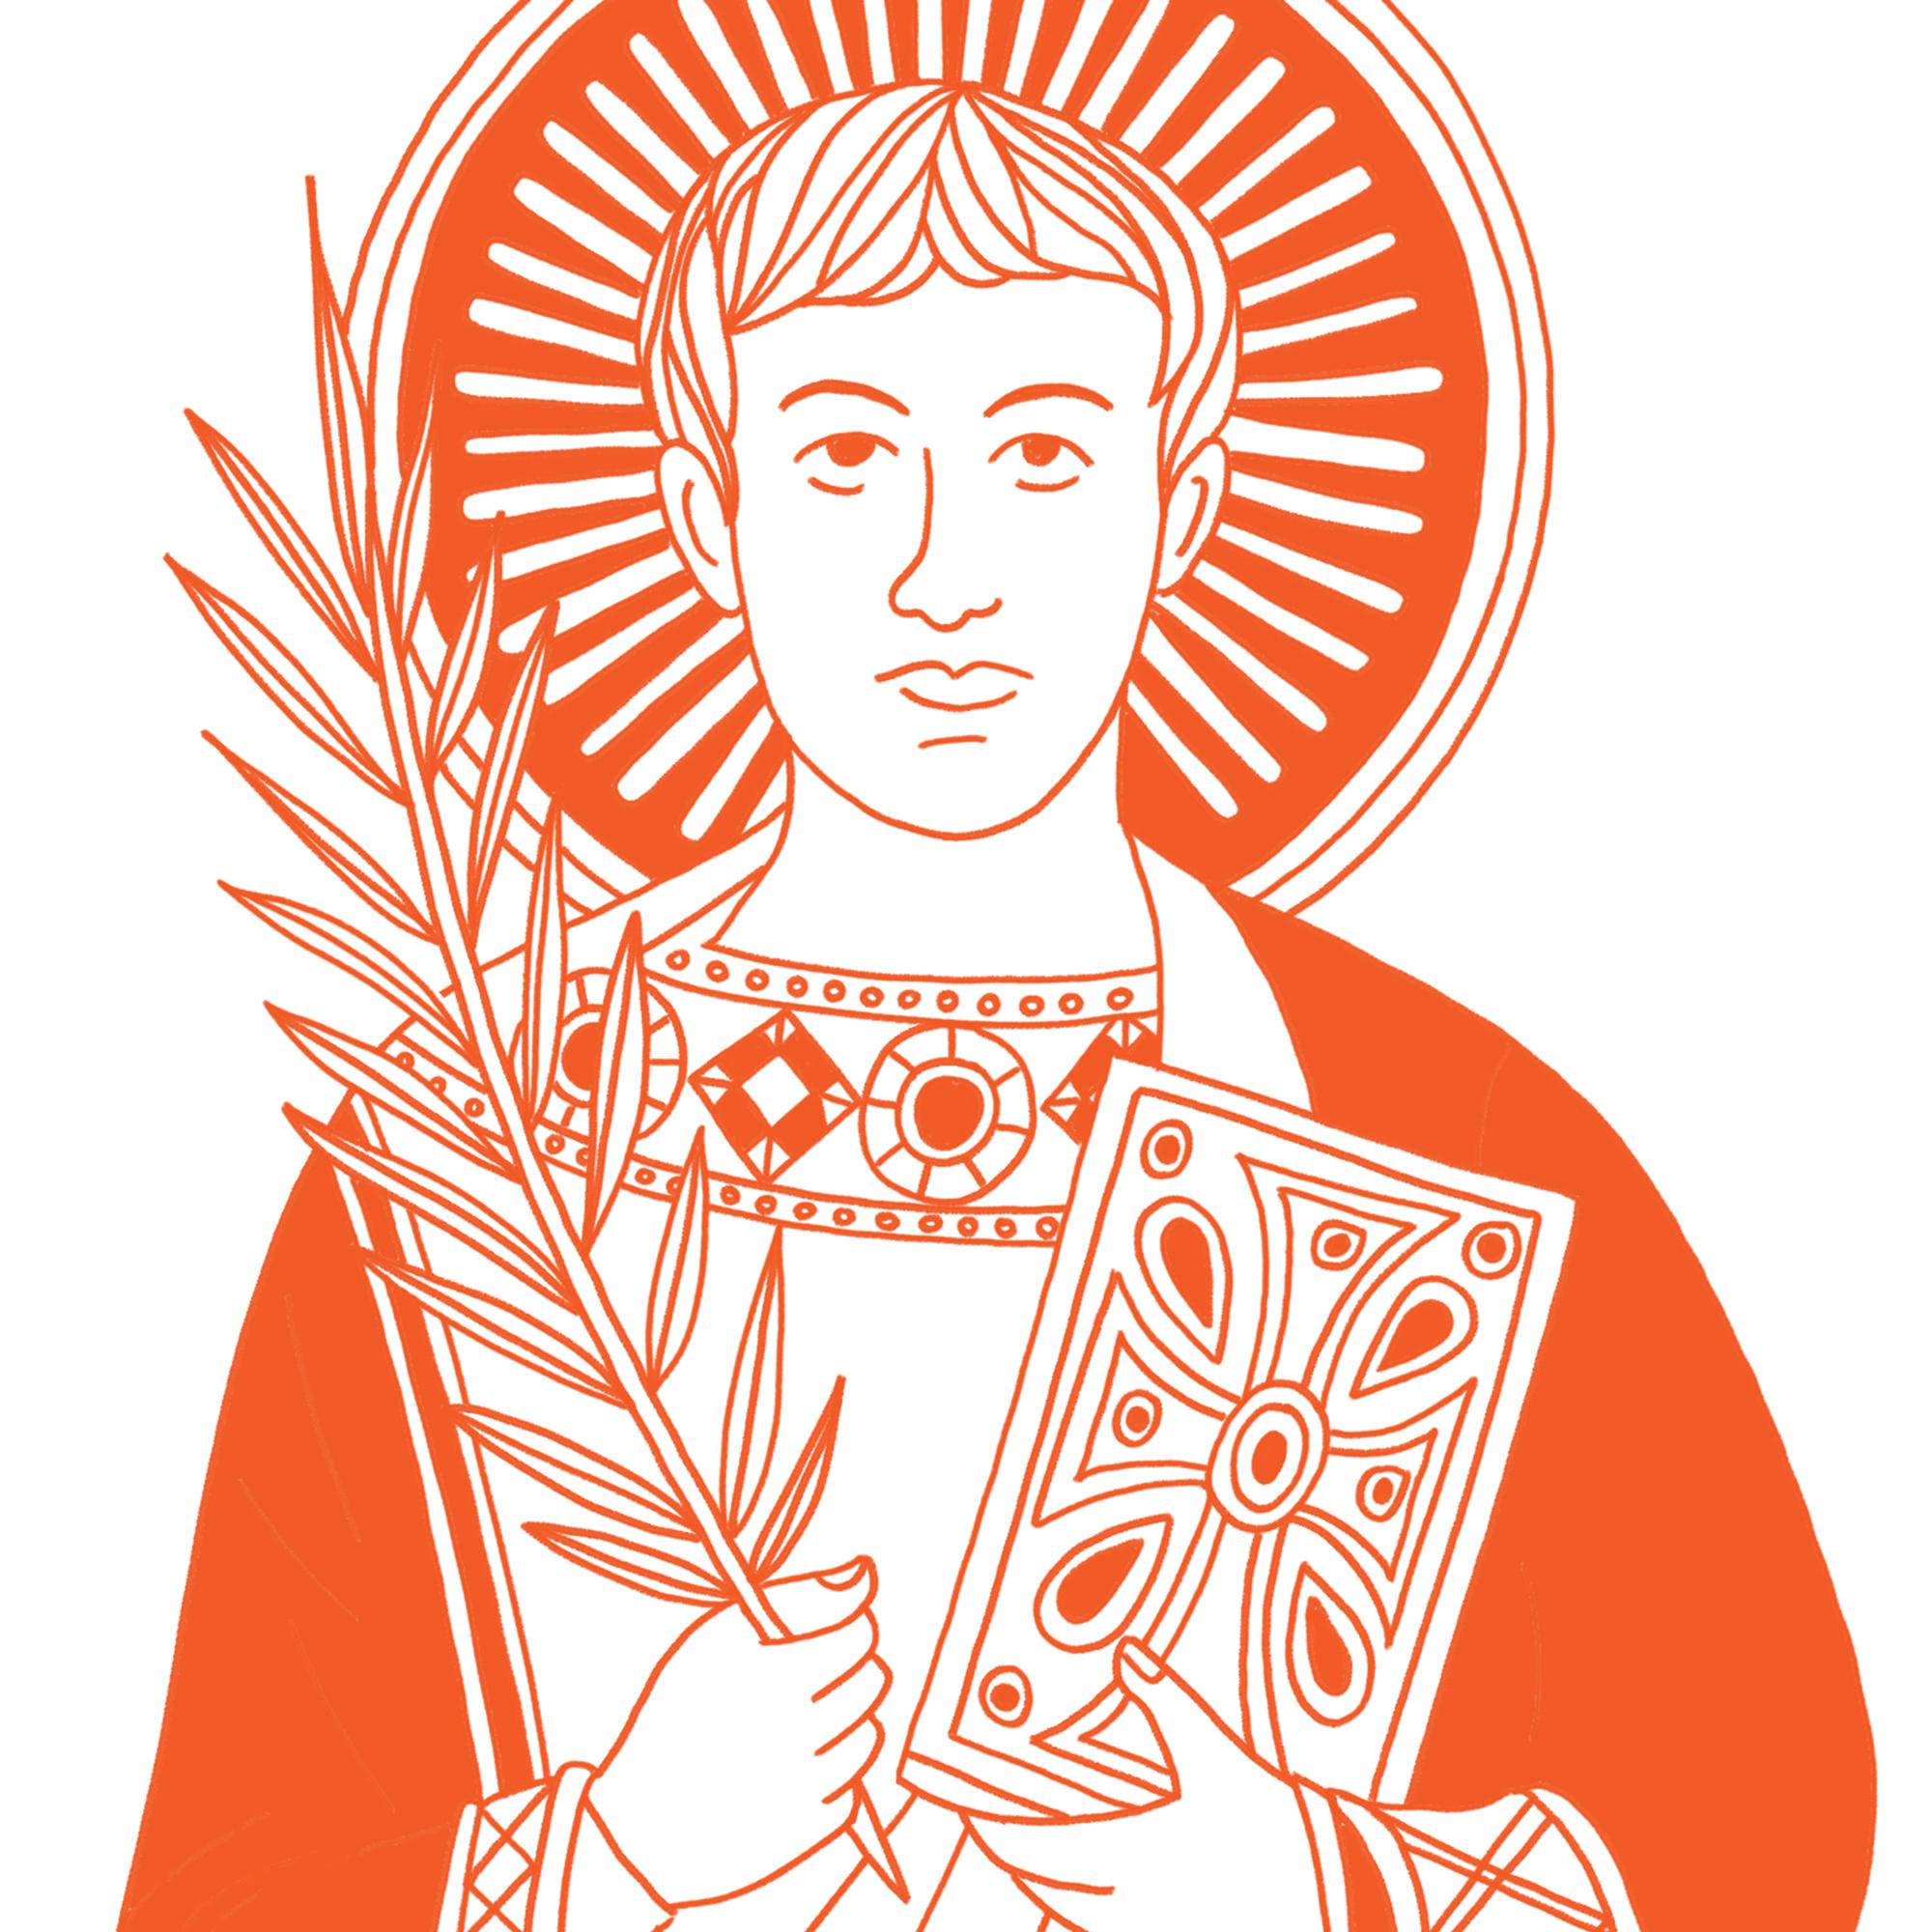 Catholic Family Crate Illustrations